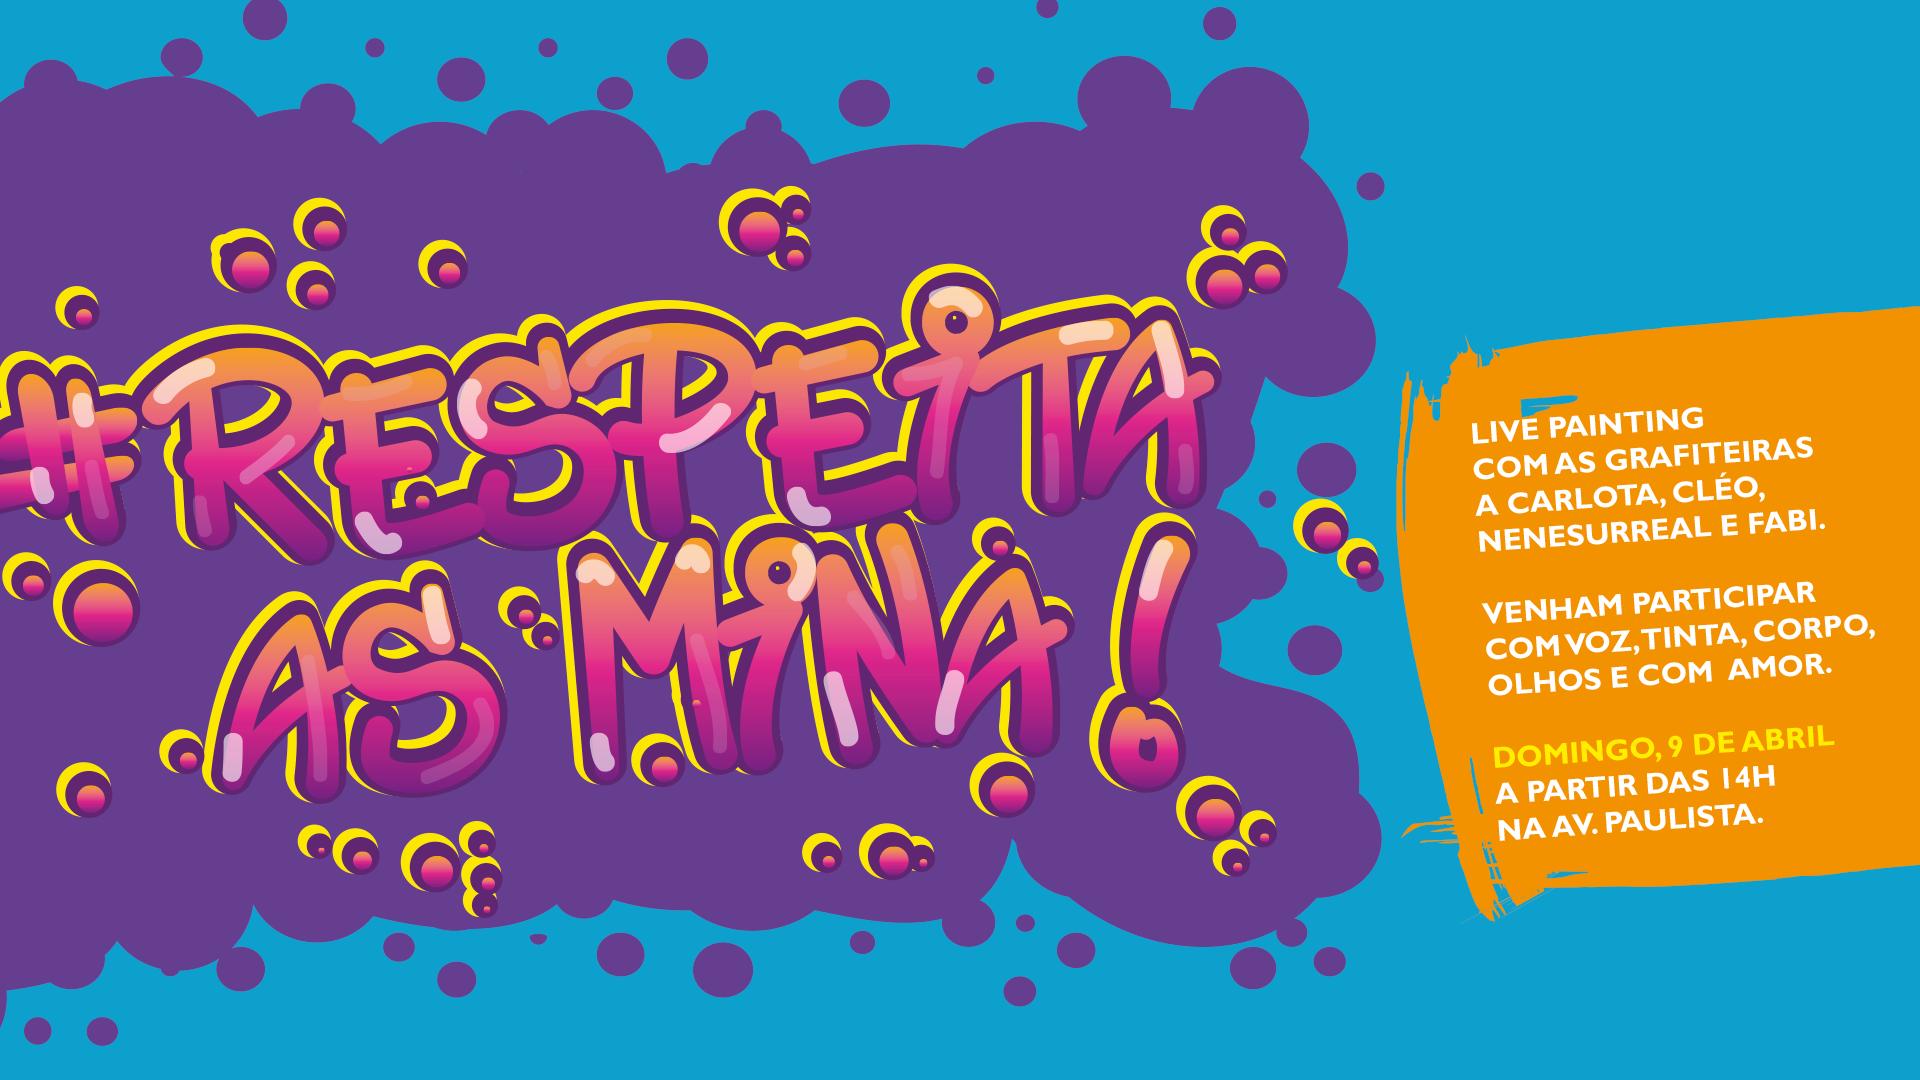 #RespeitaAsMina - Live Painting na Paulista 1